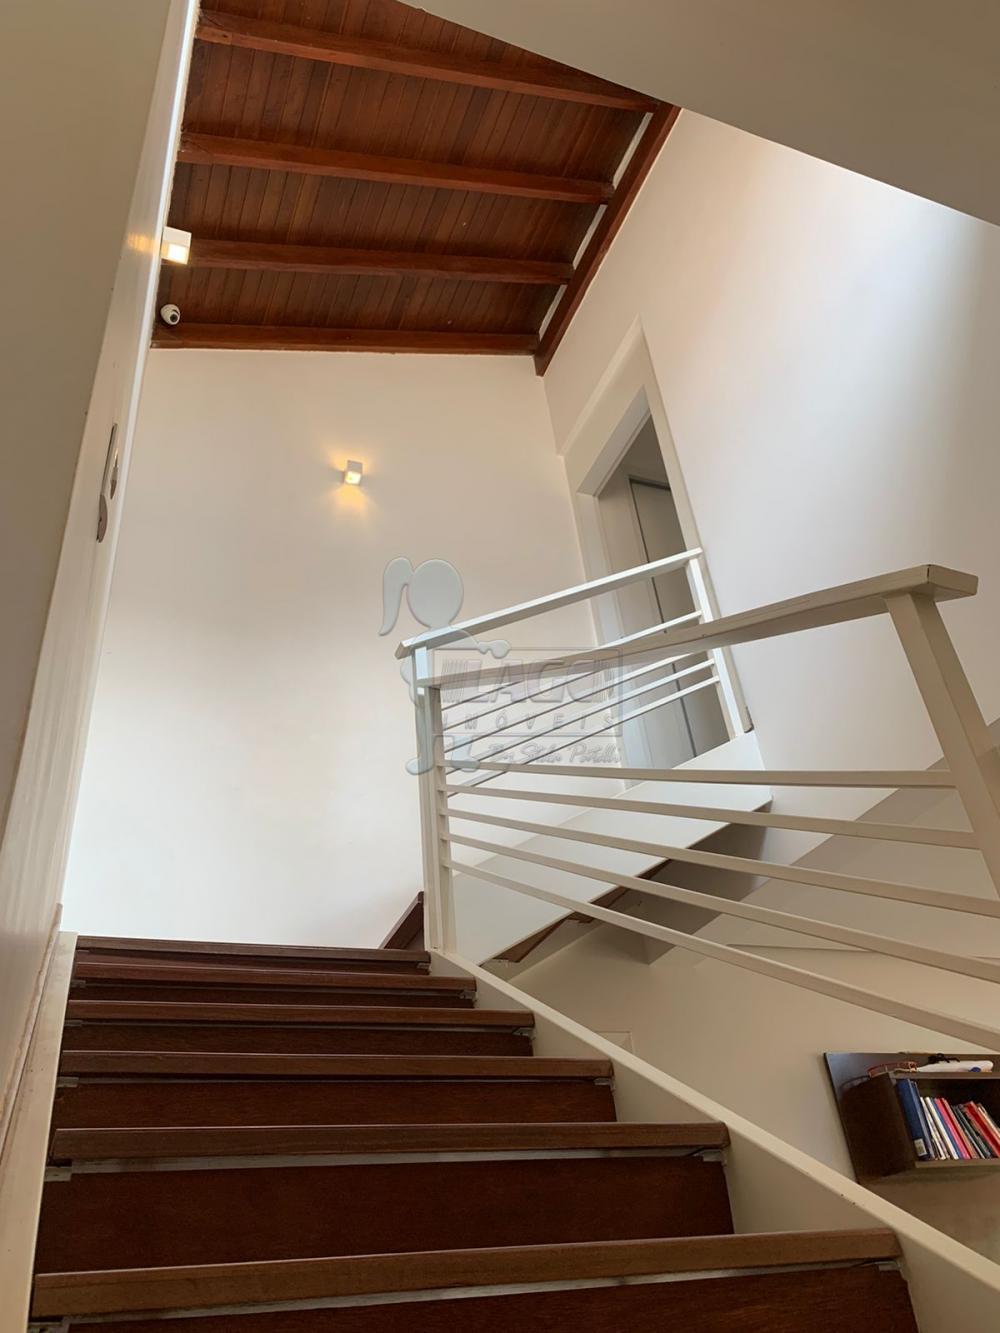 Comprar Casas / Condomínio em Bonfim Paulista R$ 1.555.000,00 - Foto 24